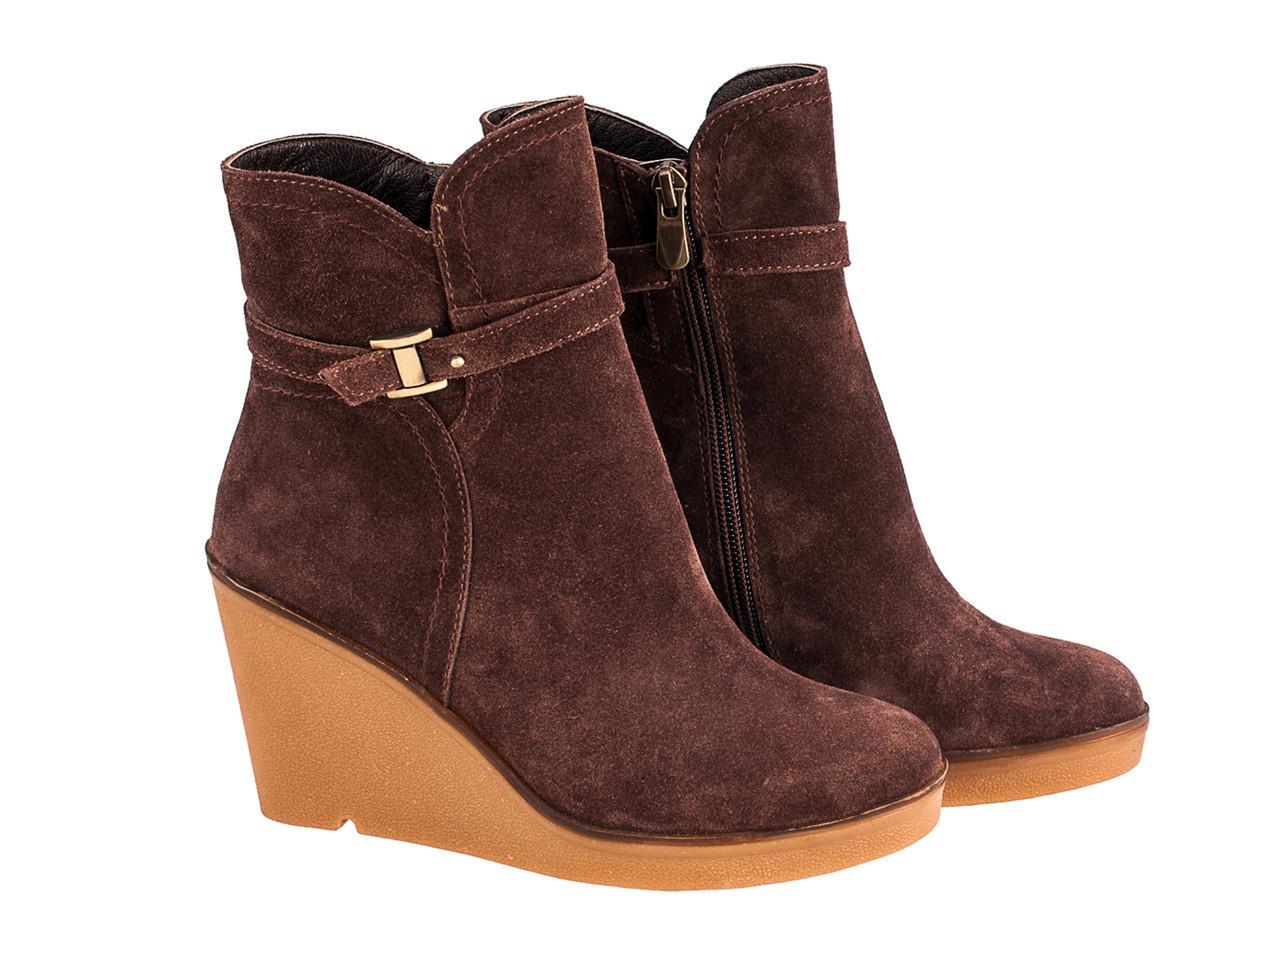 Ботинки Etor 5905-02510-1-0041 40 коричневые